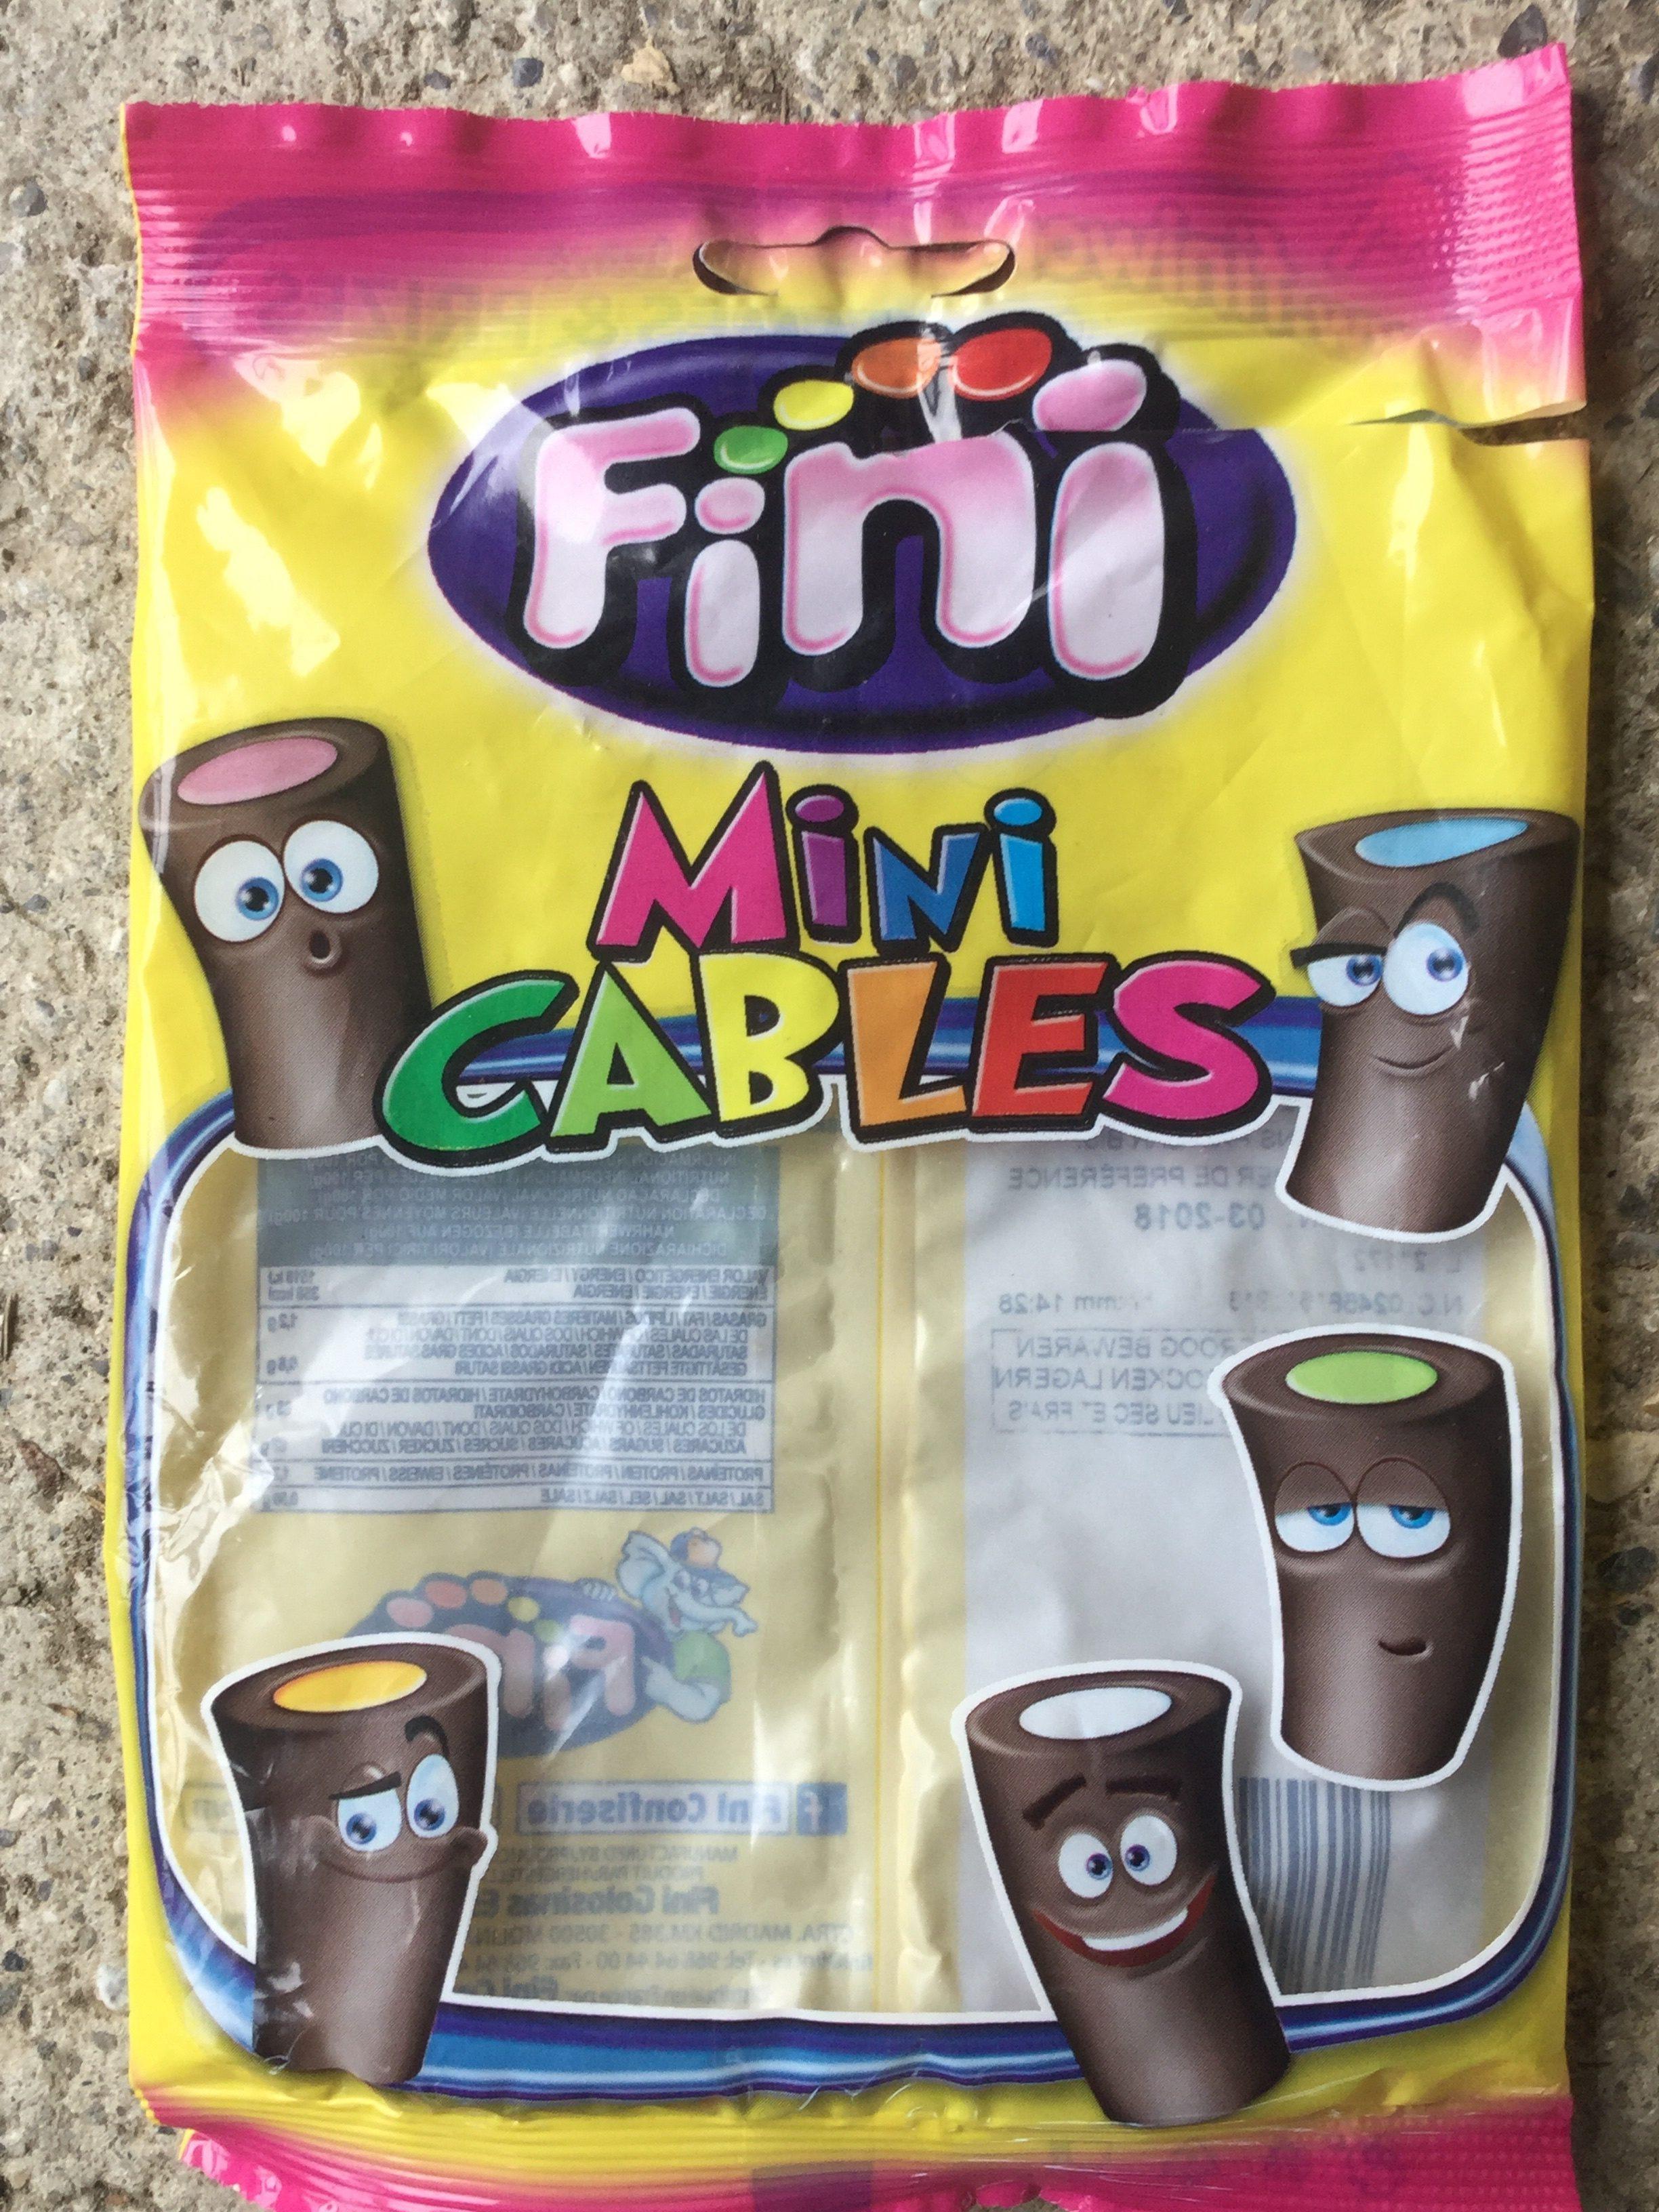 Mini câbles - Bonbons de réglisse - Product - en